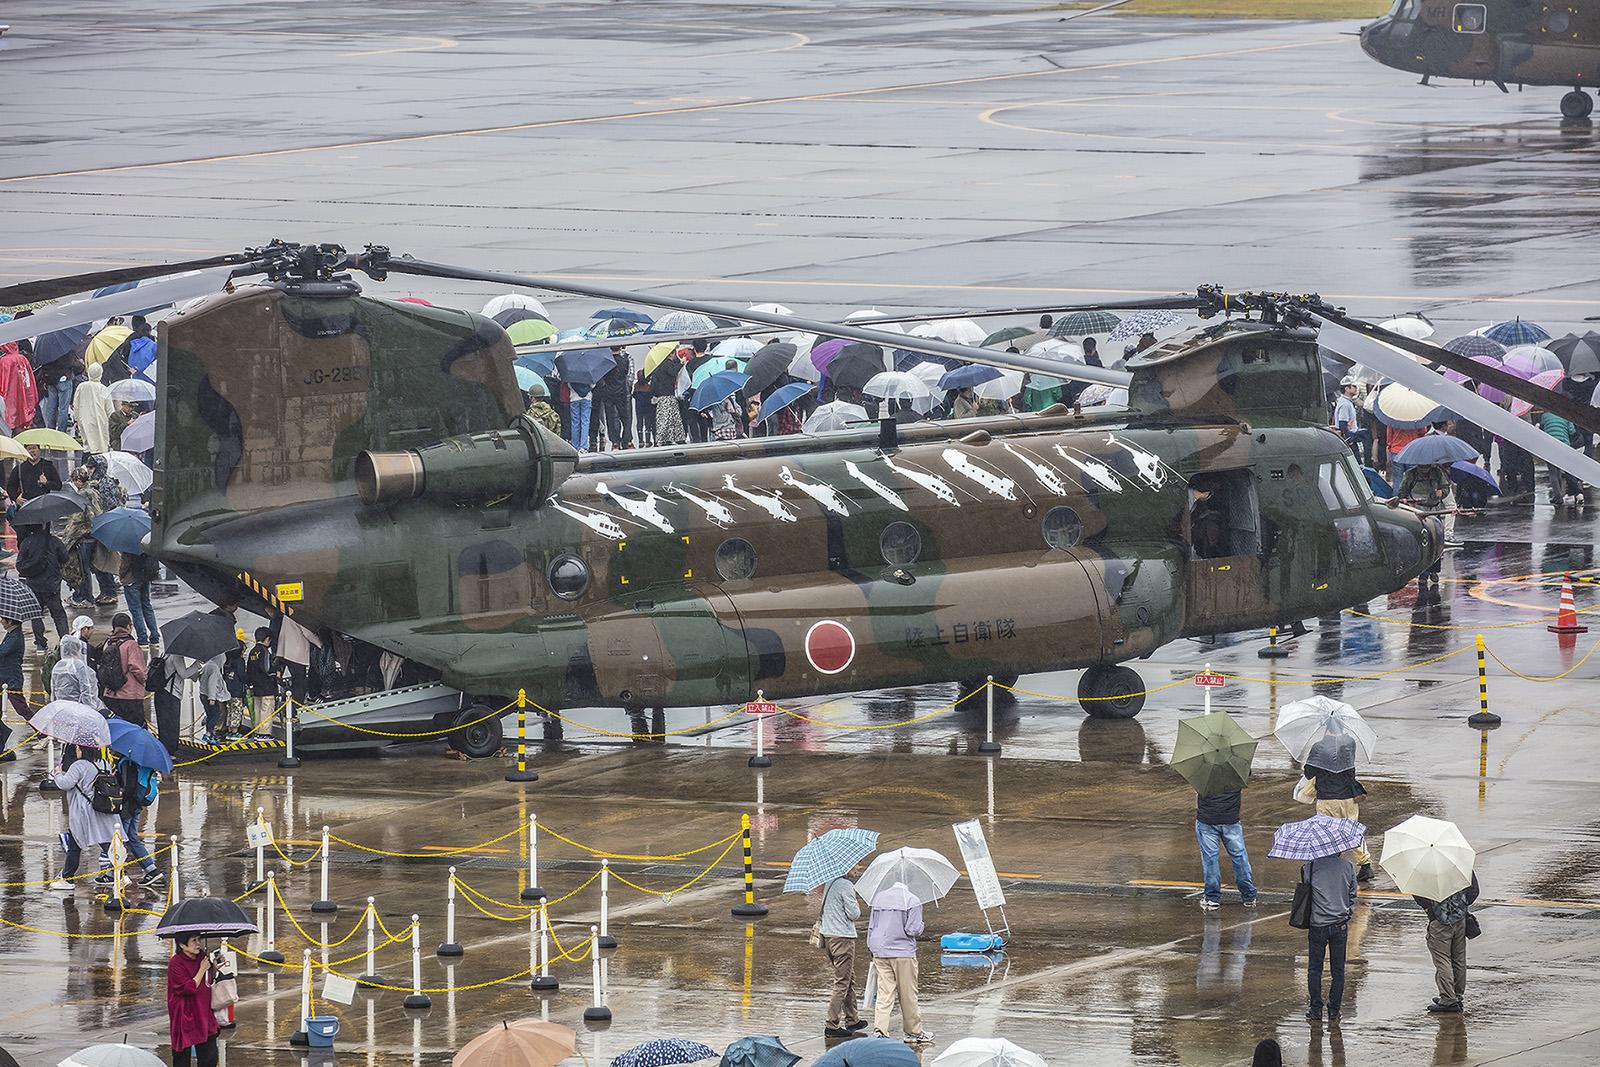 Auf dieser Chinook finden sich alle Muster, die bei der JGSDF im Einsatz sind. Hinten ist schon der MV-22 Osprey zu erkennen.